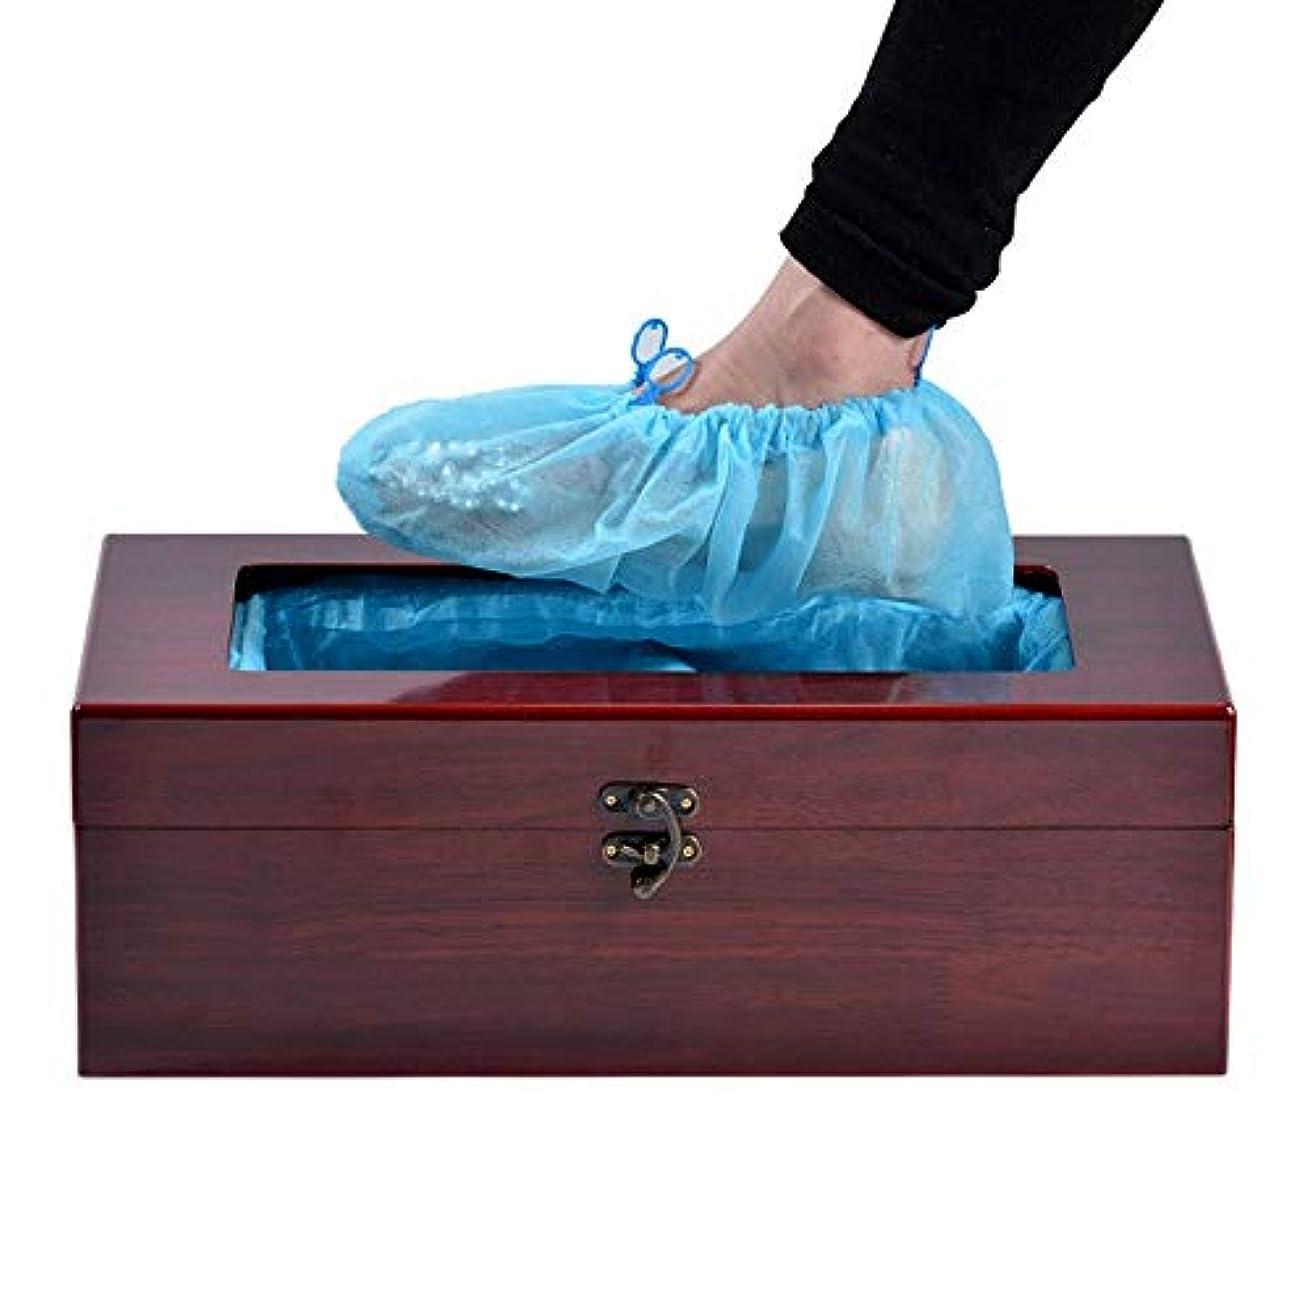 大きさインセンティブ常識新しい靴カバーマシン新しいホーム自動インテリジェントオフィス靴マシン使い捨て靴カバーマシンフットカバーマシンフィルムマシン